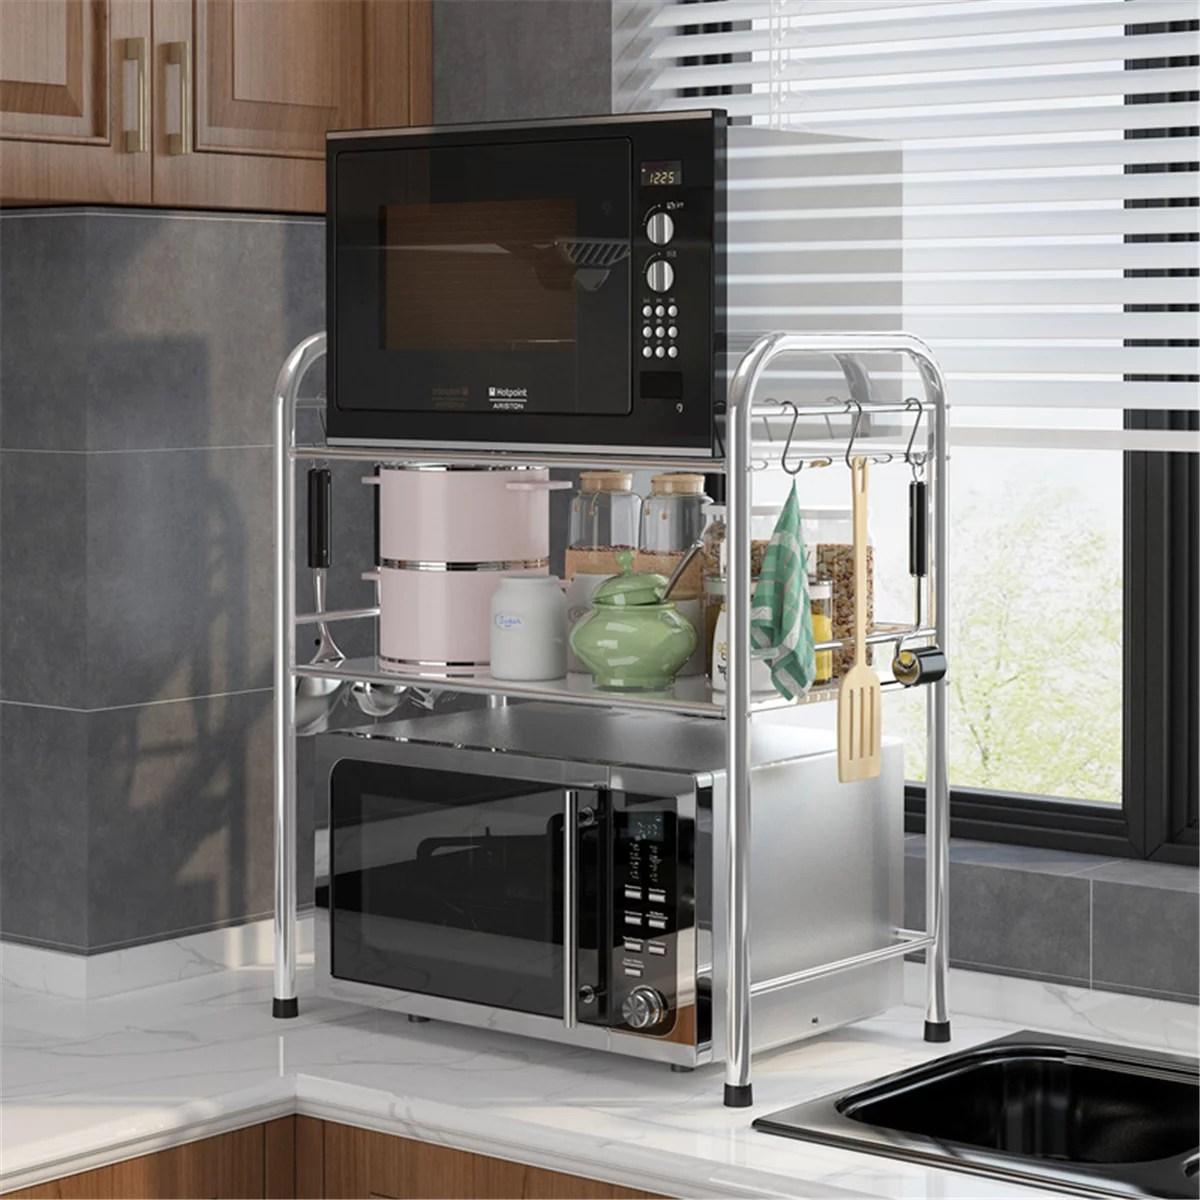 multi function stainless steel kitchen microwave oven rack organizer storage shelf 3 tier design walmart com